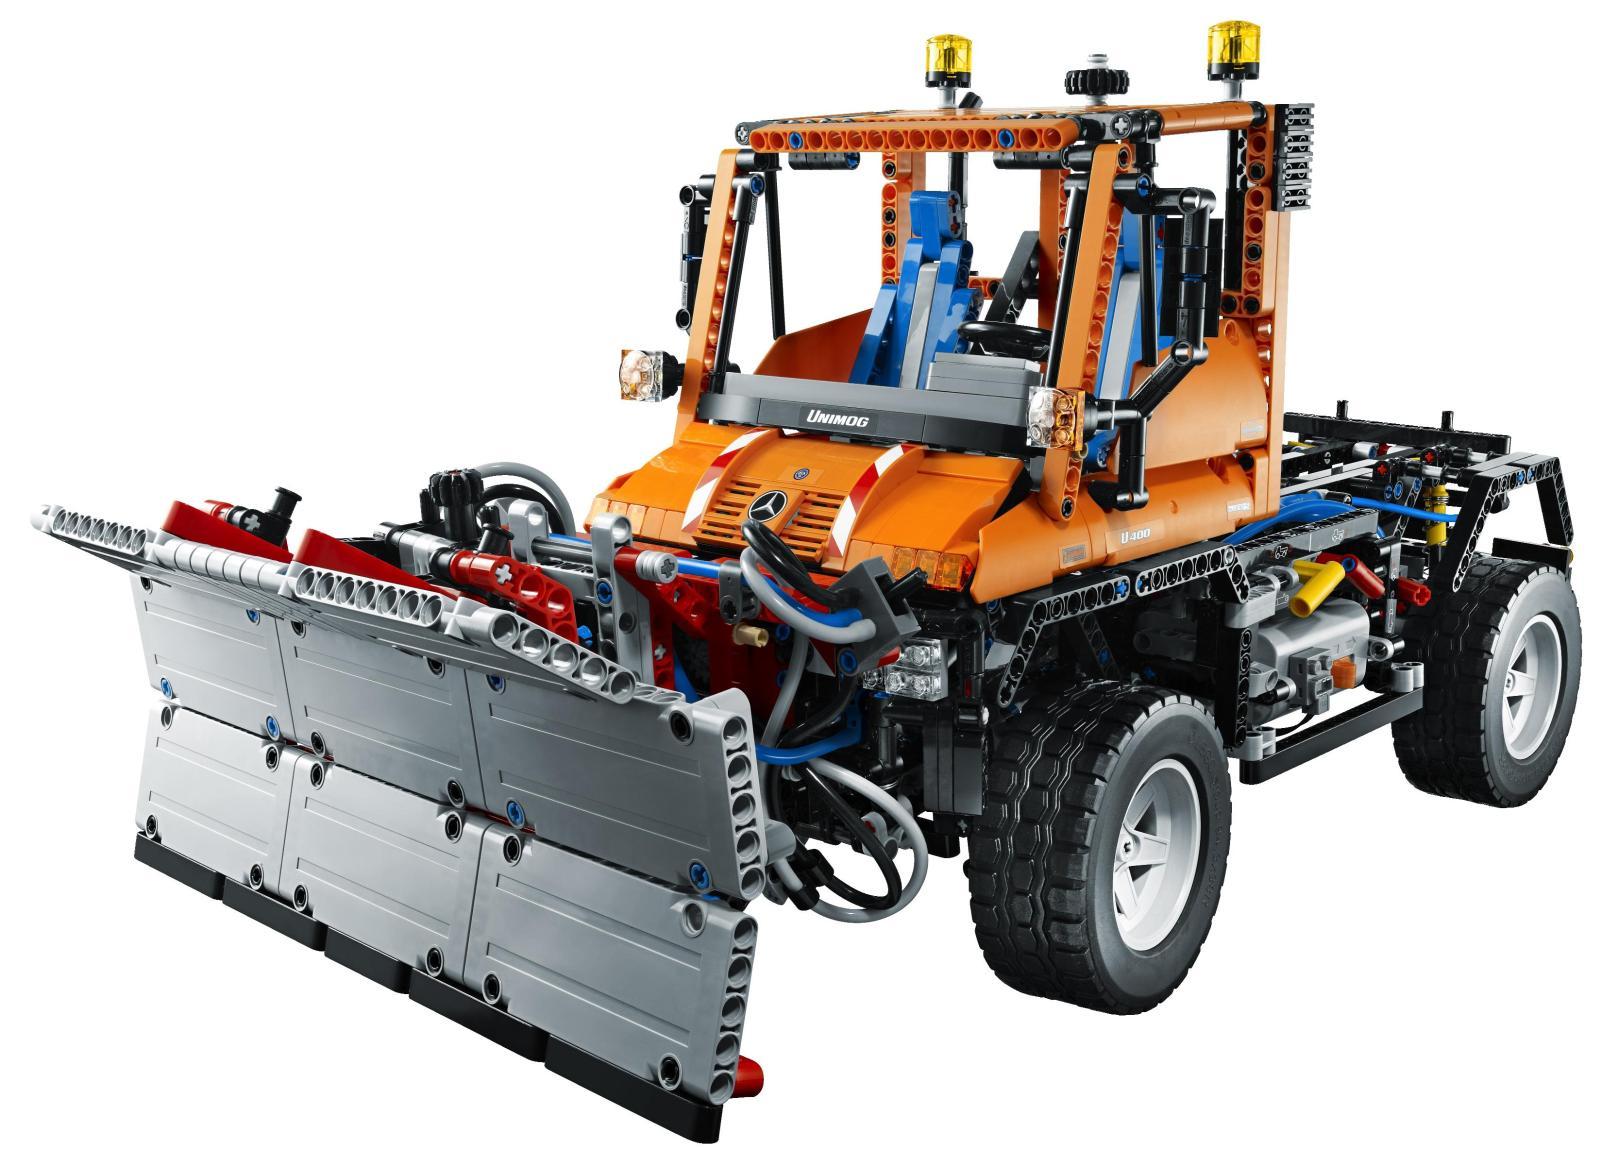 Unimog U400 For Sale >> Lego Technic Unimog U400 - playfully plastic, this one